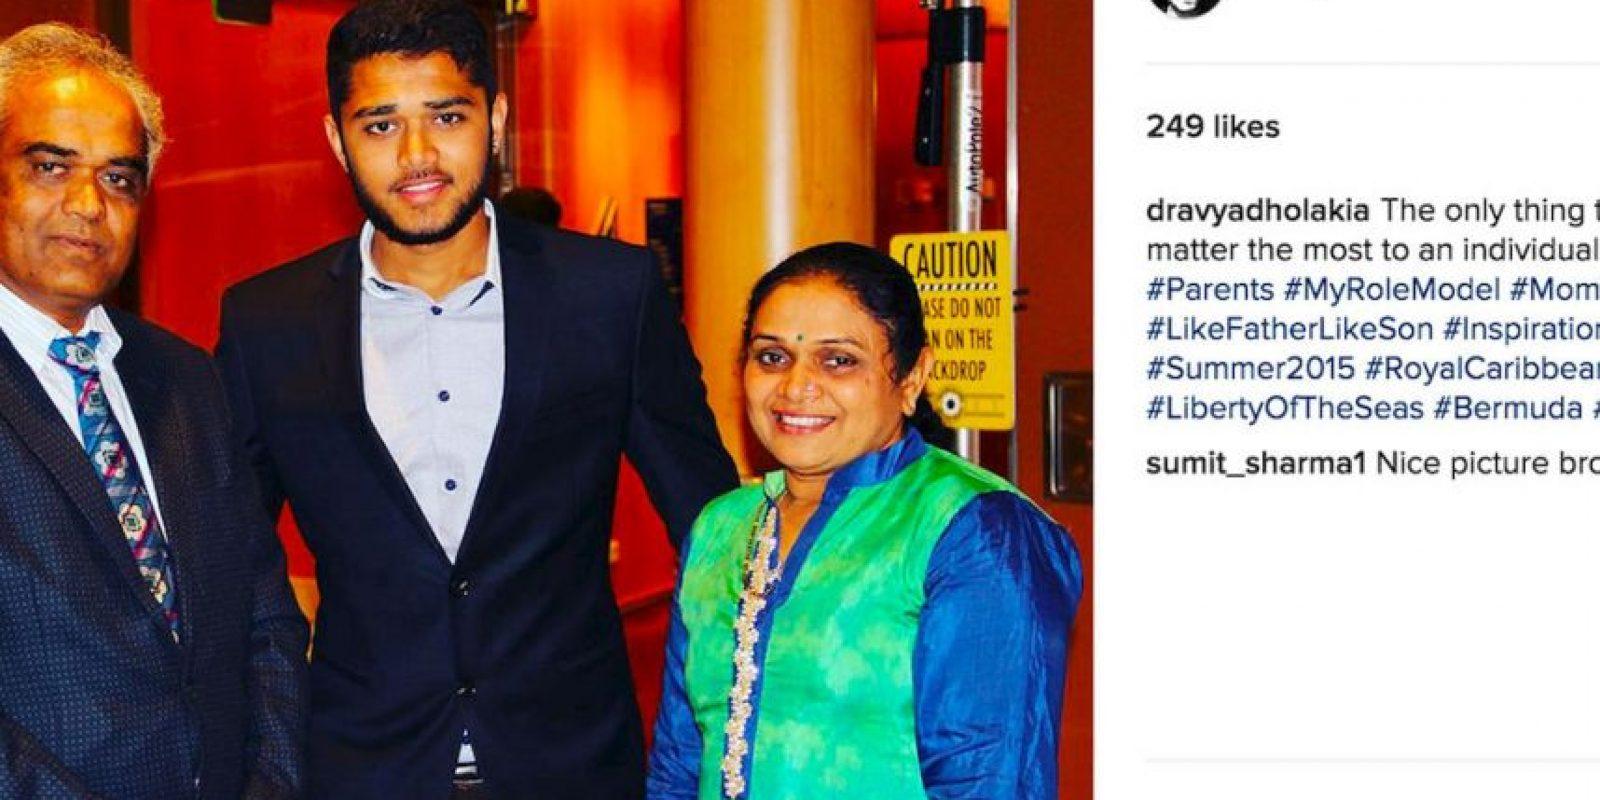 Por un mes, el joven de 21 años tuvo que esforzarse por encontrar un trabajo y vivir de sus propias ganancias. Foto:Instagram/dravyadholakia